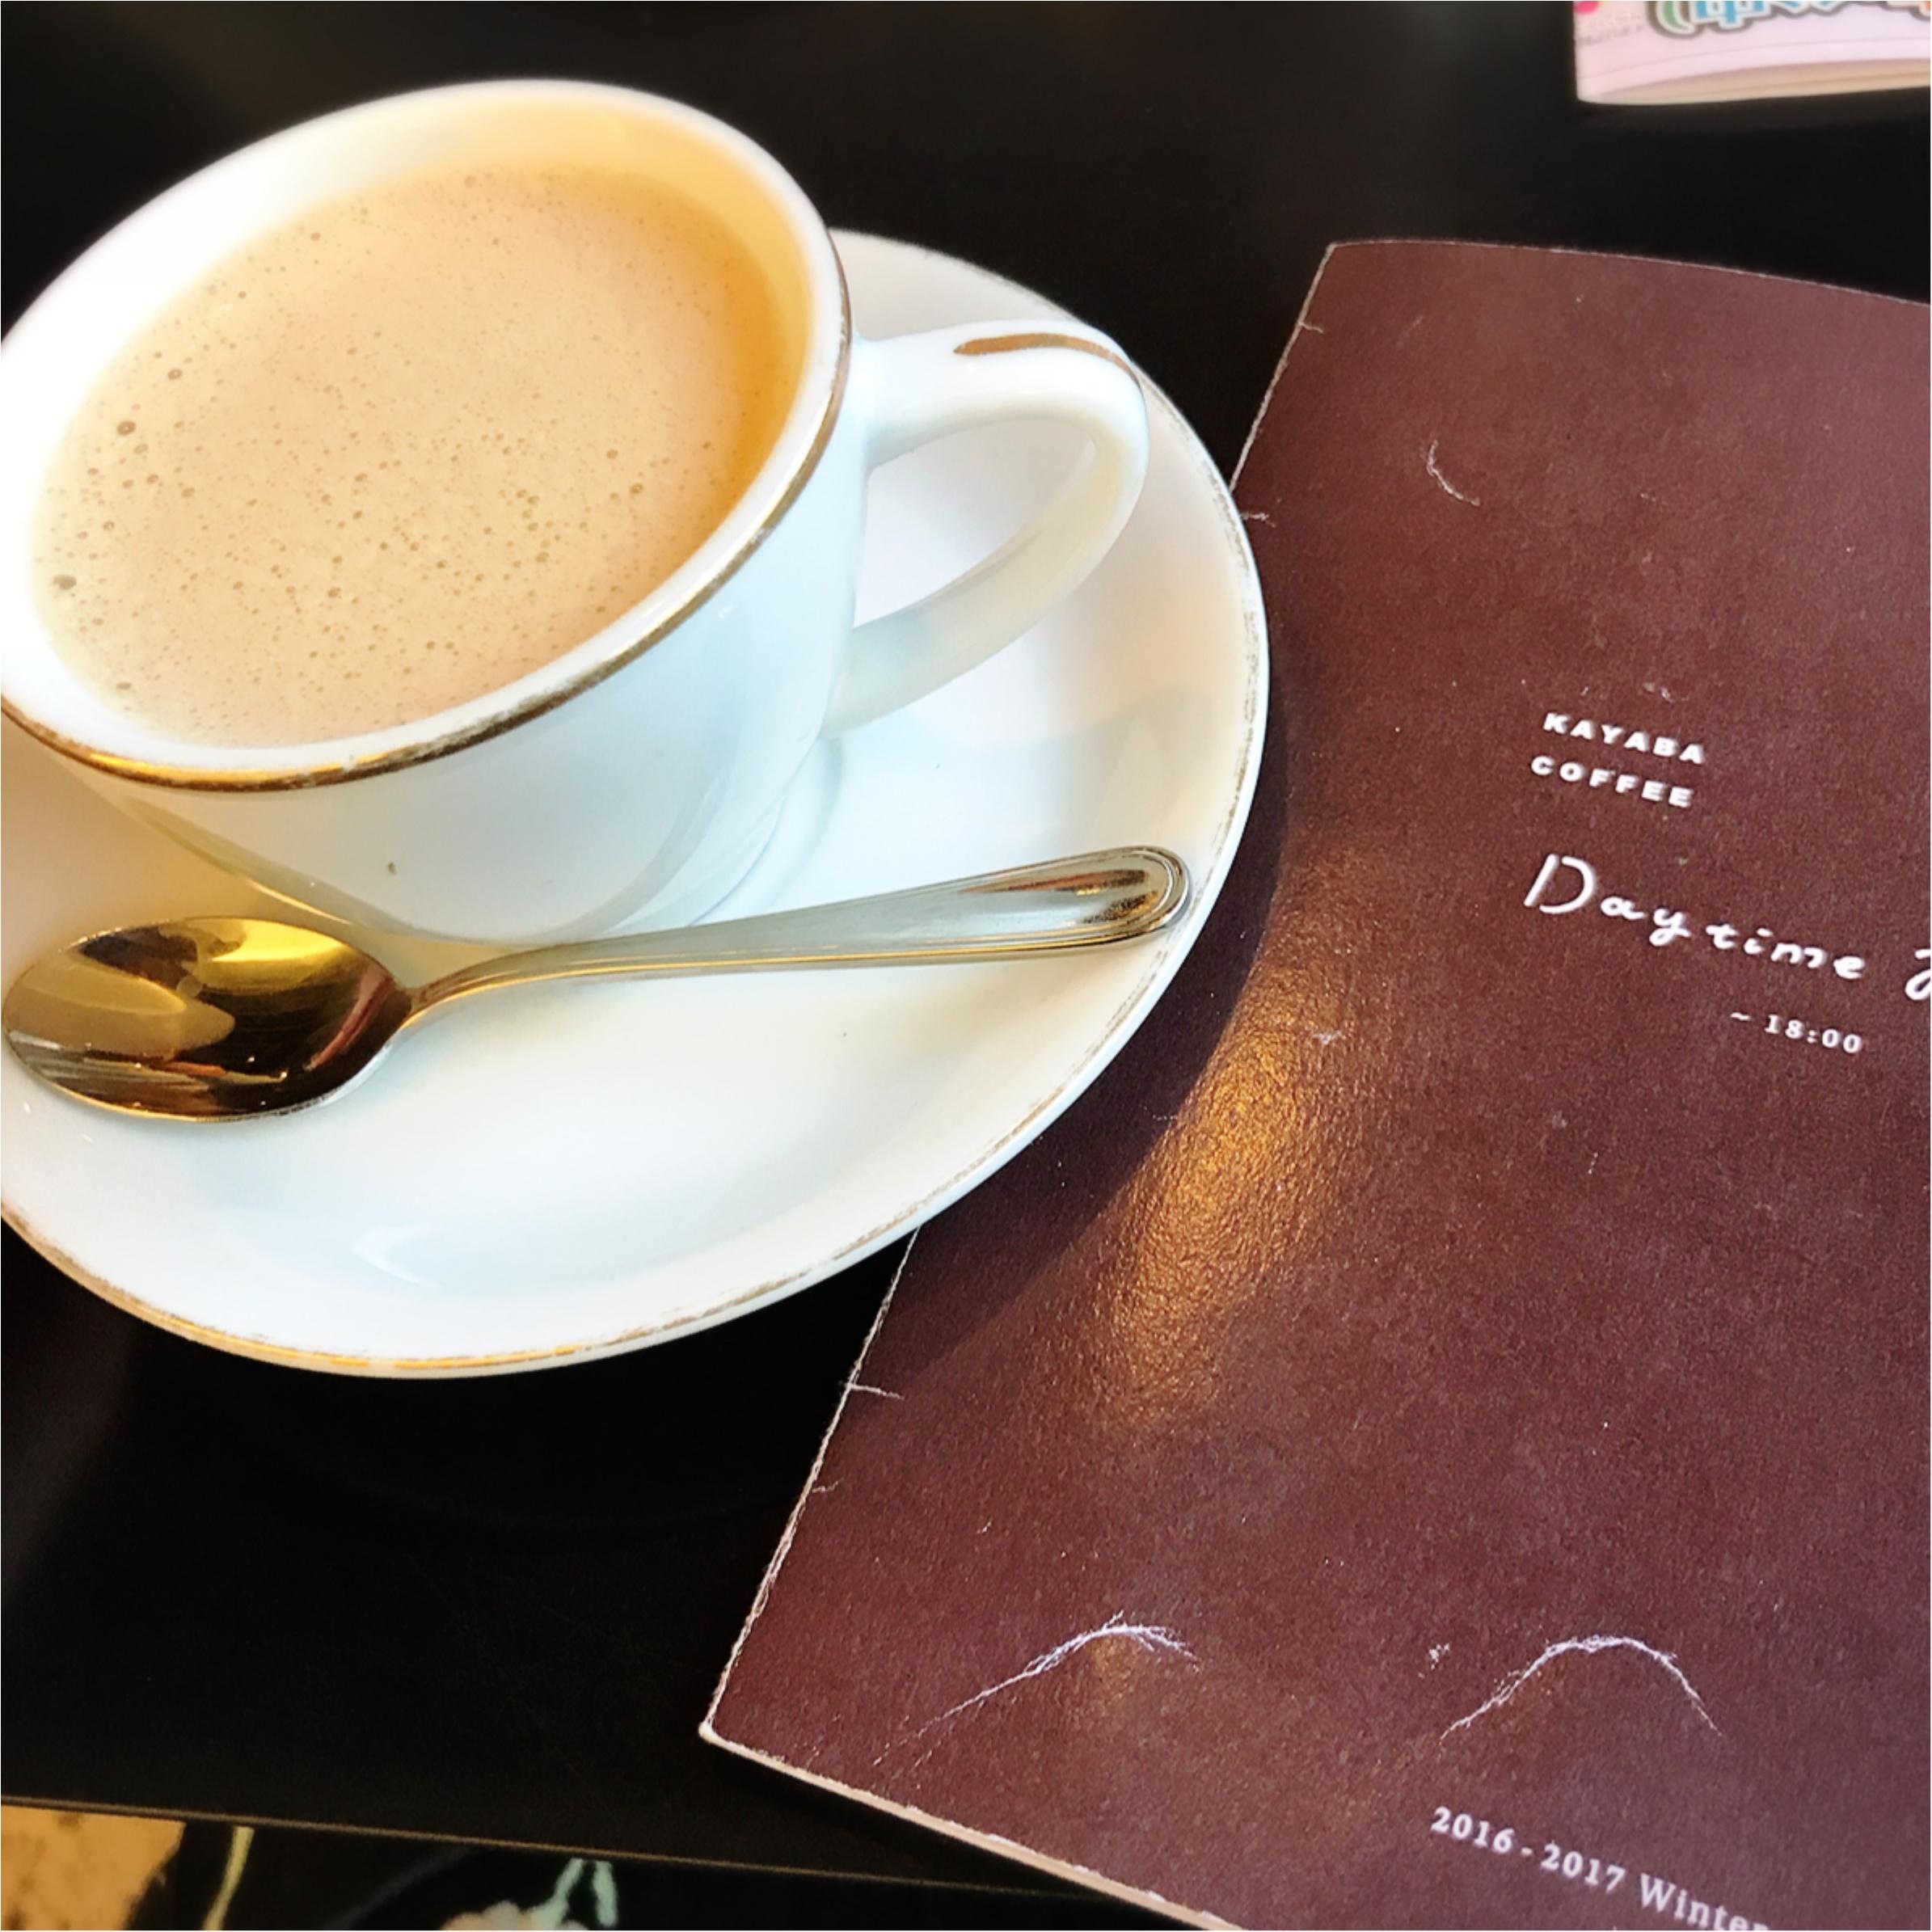 おすすめの喫茶店・カフェ特集 - 東京のレトロな喫茶店4選など、全国のフォトジェニックなカフェまとめ_15